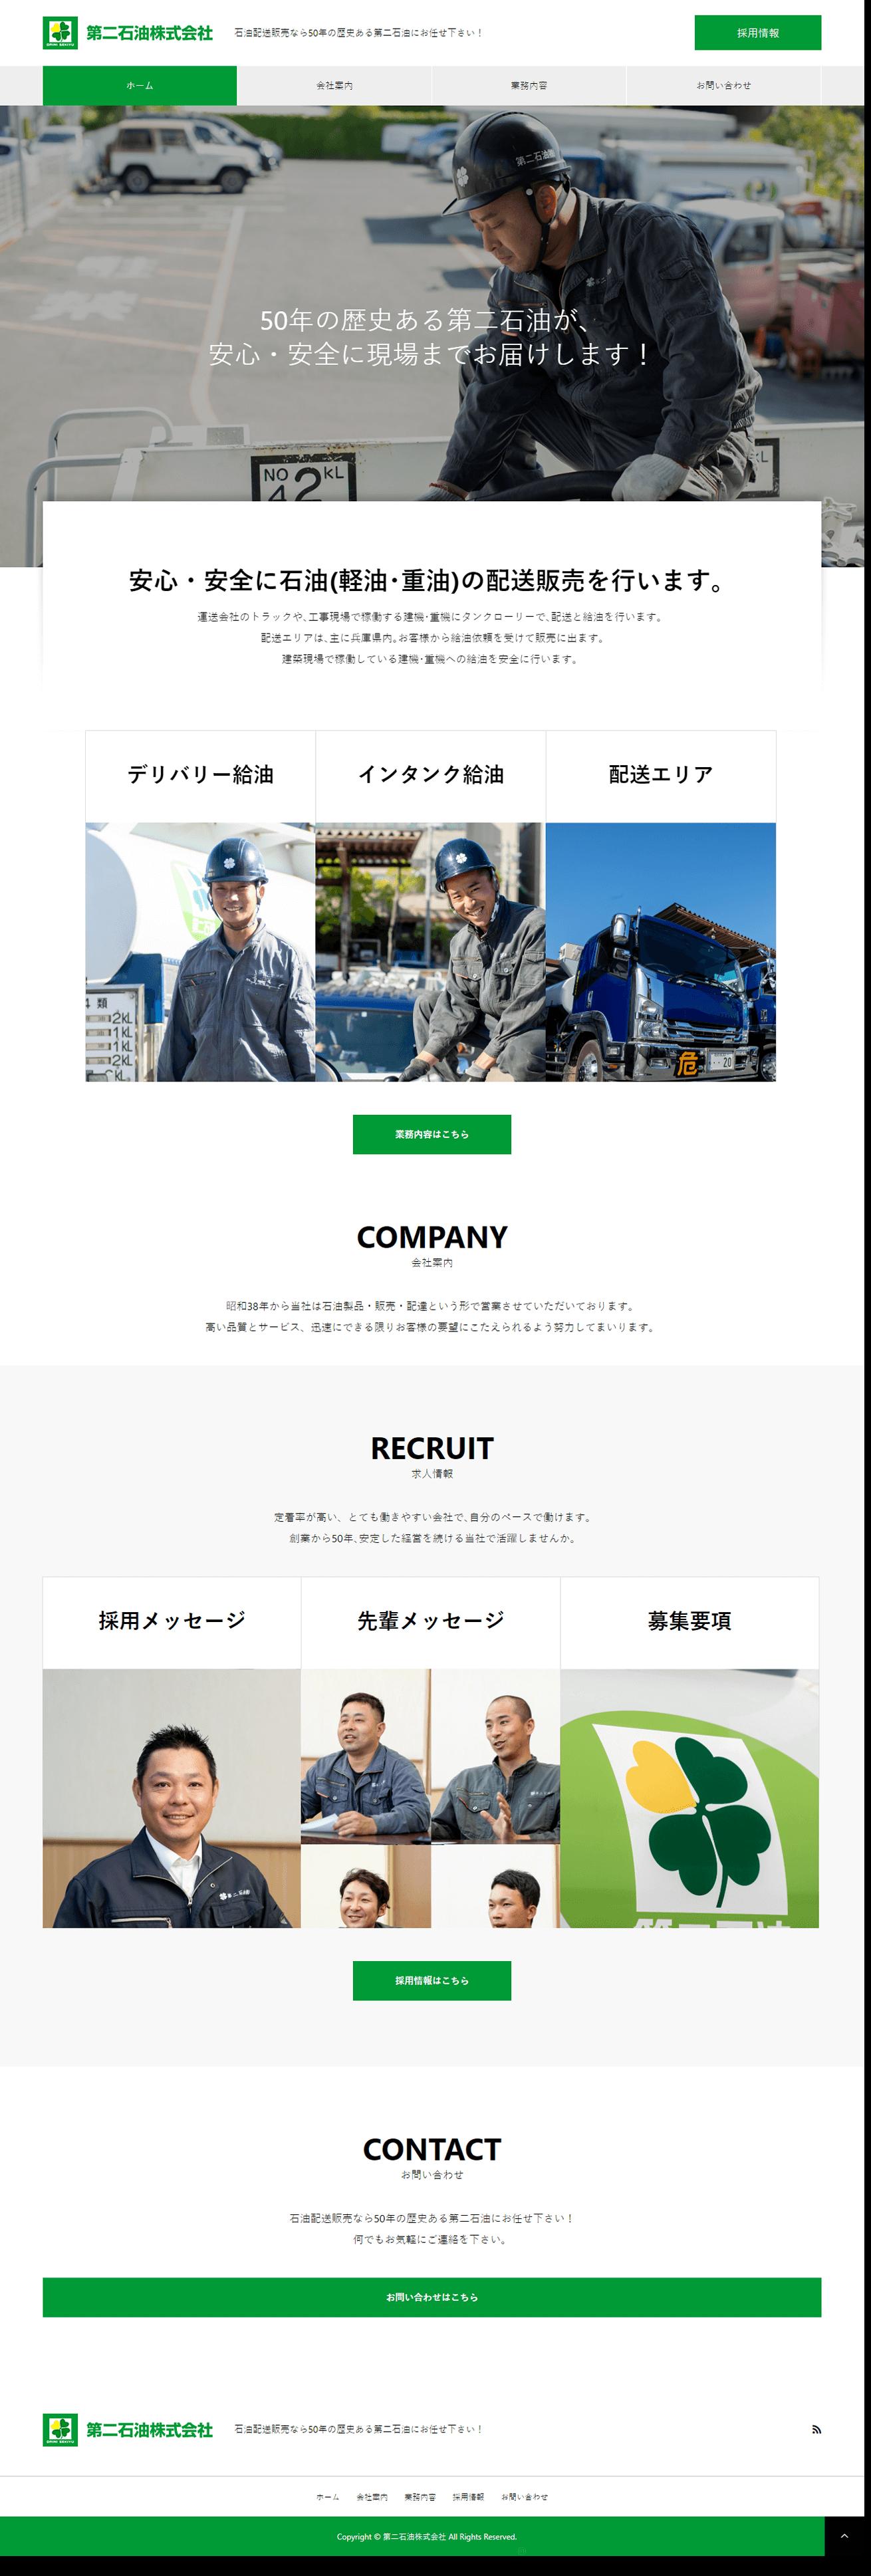 姫路市 第二石油株式会社 ホームページ制作1